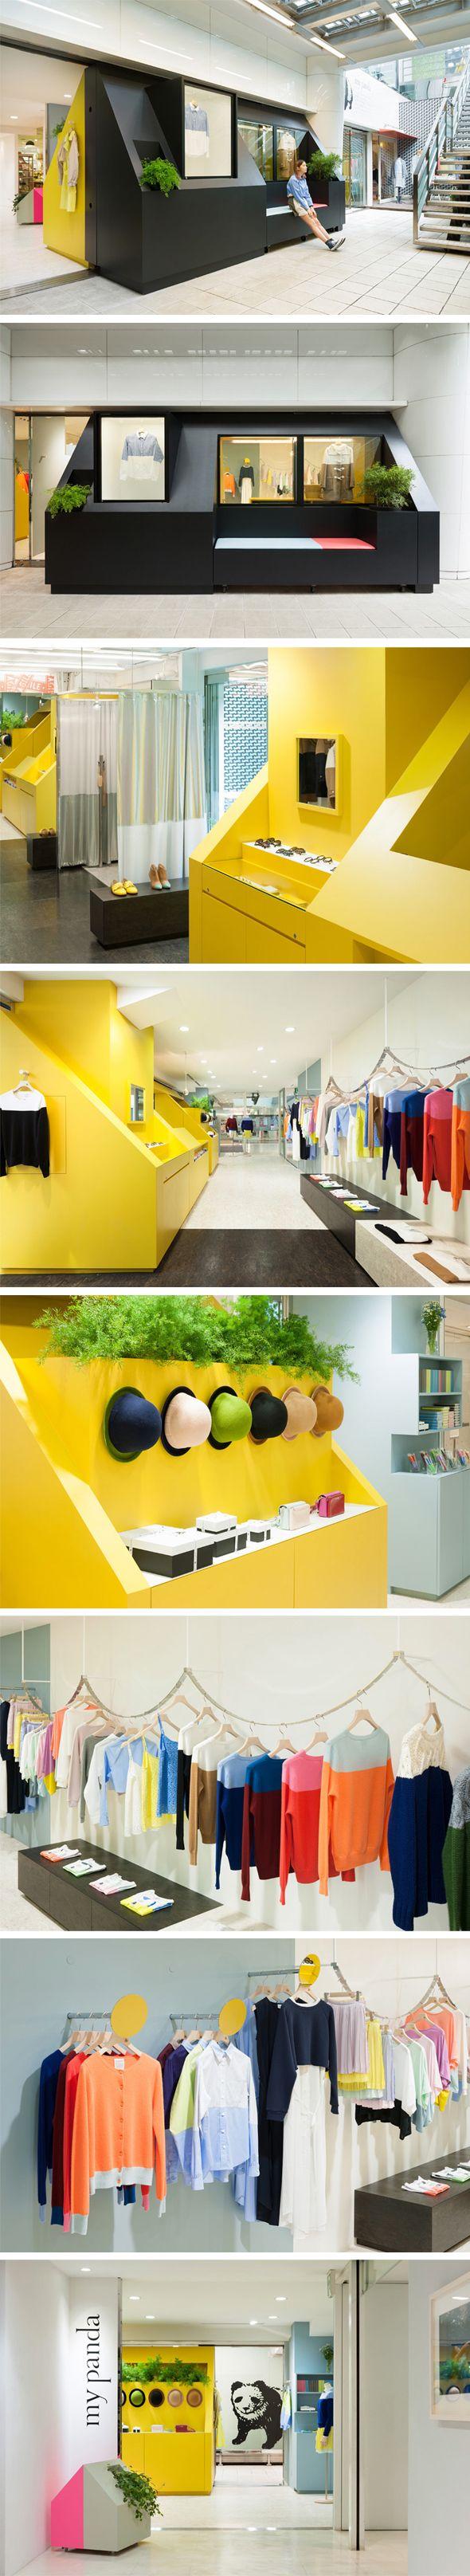 My Panda Retail Store / by Torafu Architects